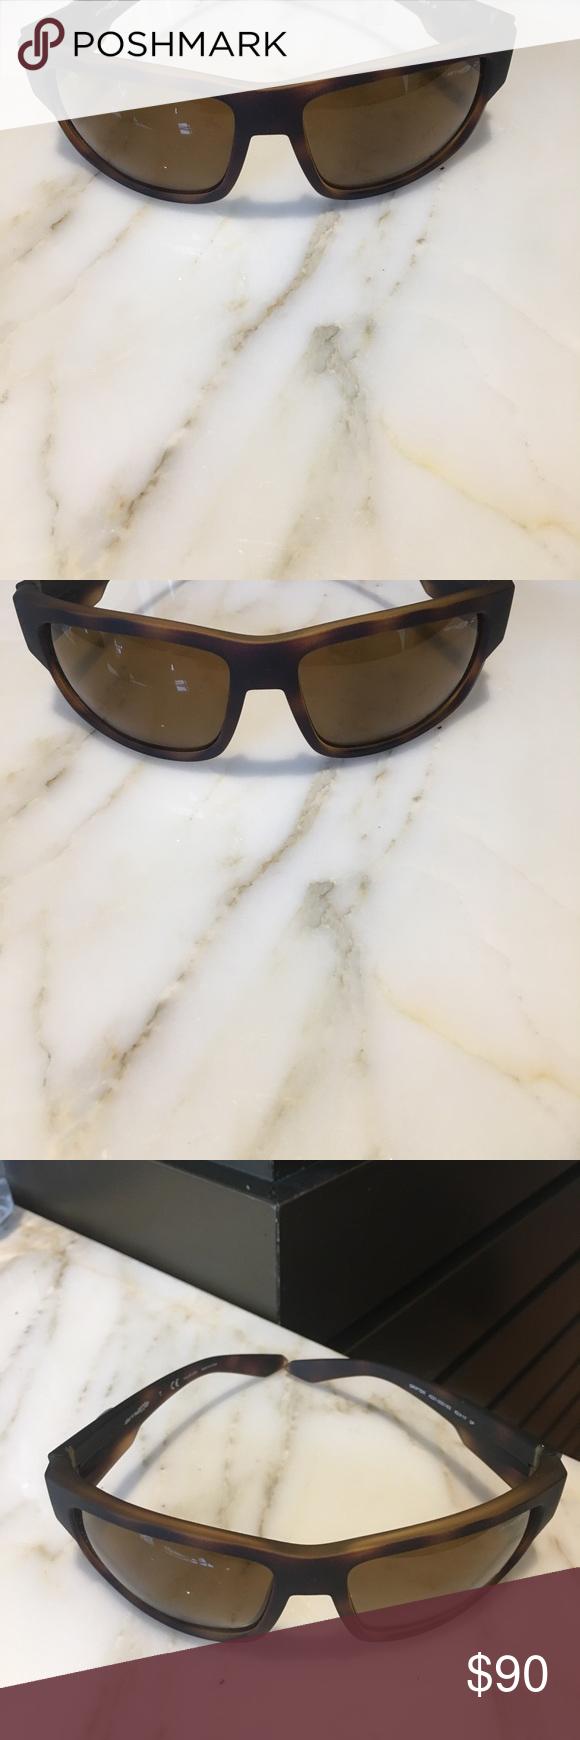 4db225c346e Arnette Men s Grifter Polarized Brown Sunglasses Authentic Annette Men s  Grifter Polarized Rectangular Sunglasses